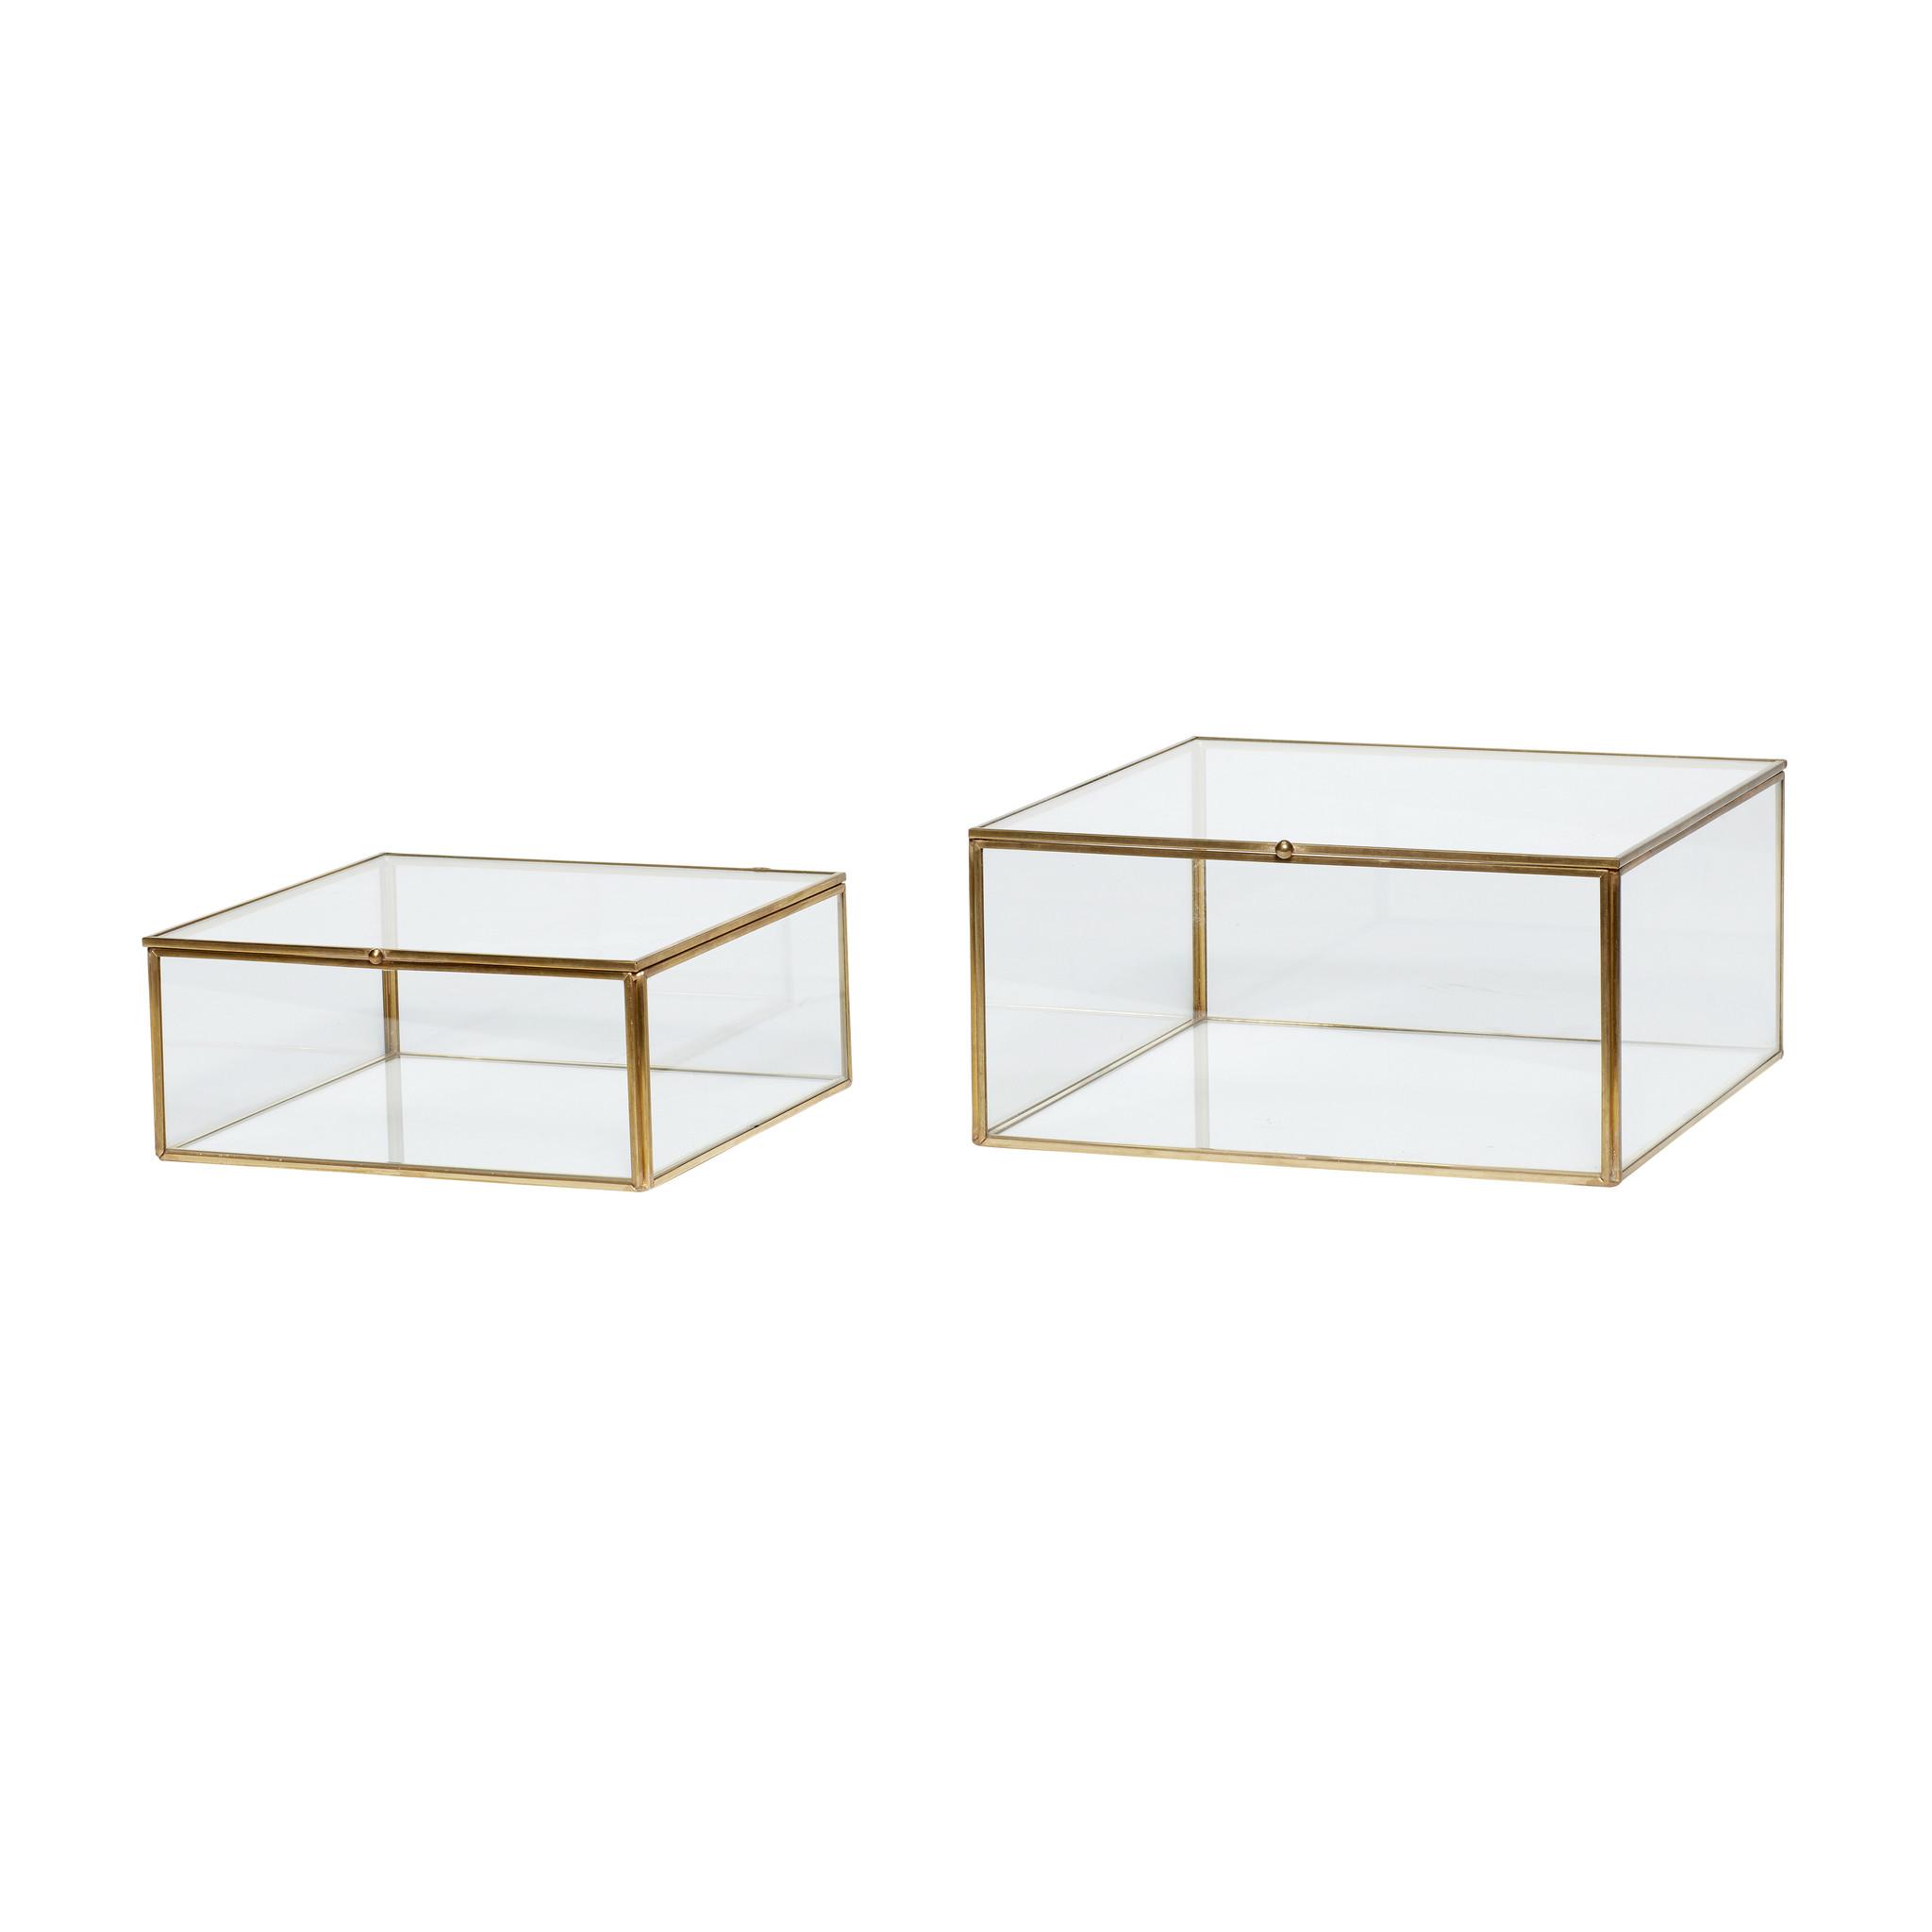 Hubsch Glazen doos, messing / glas, set van 2